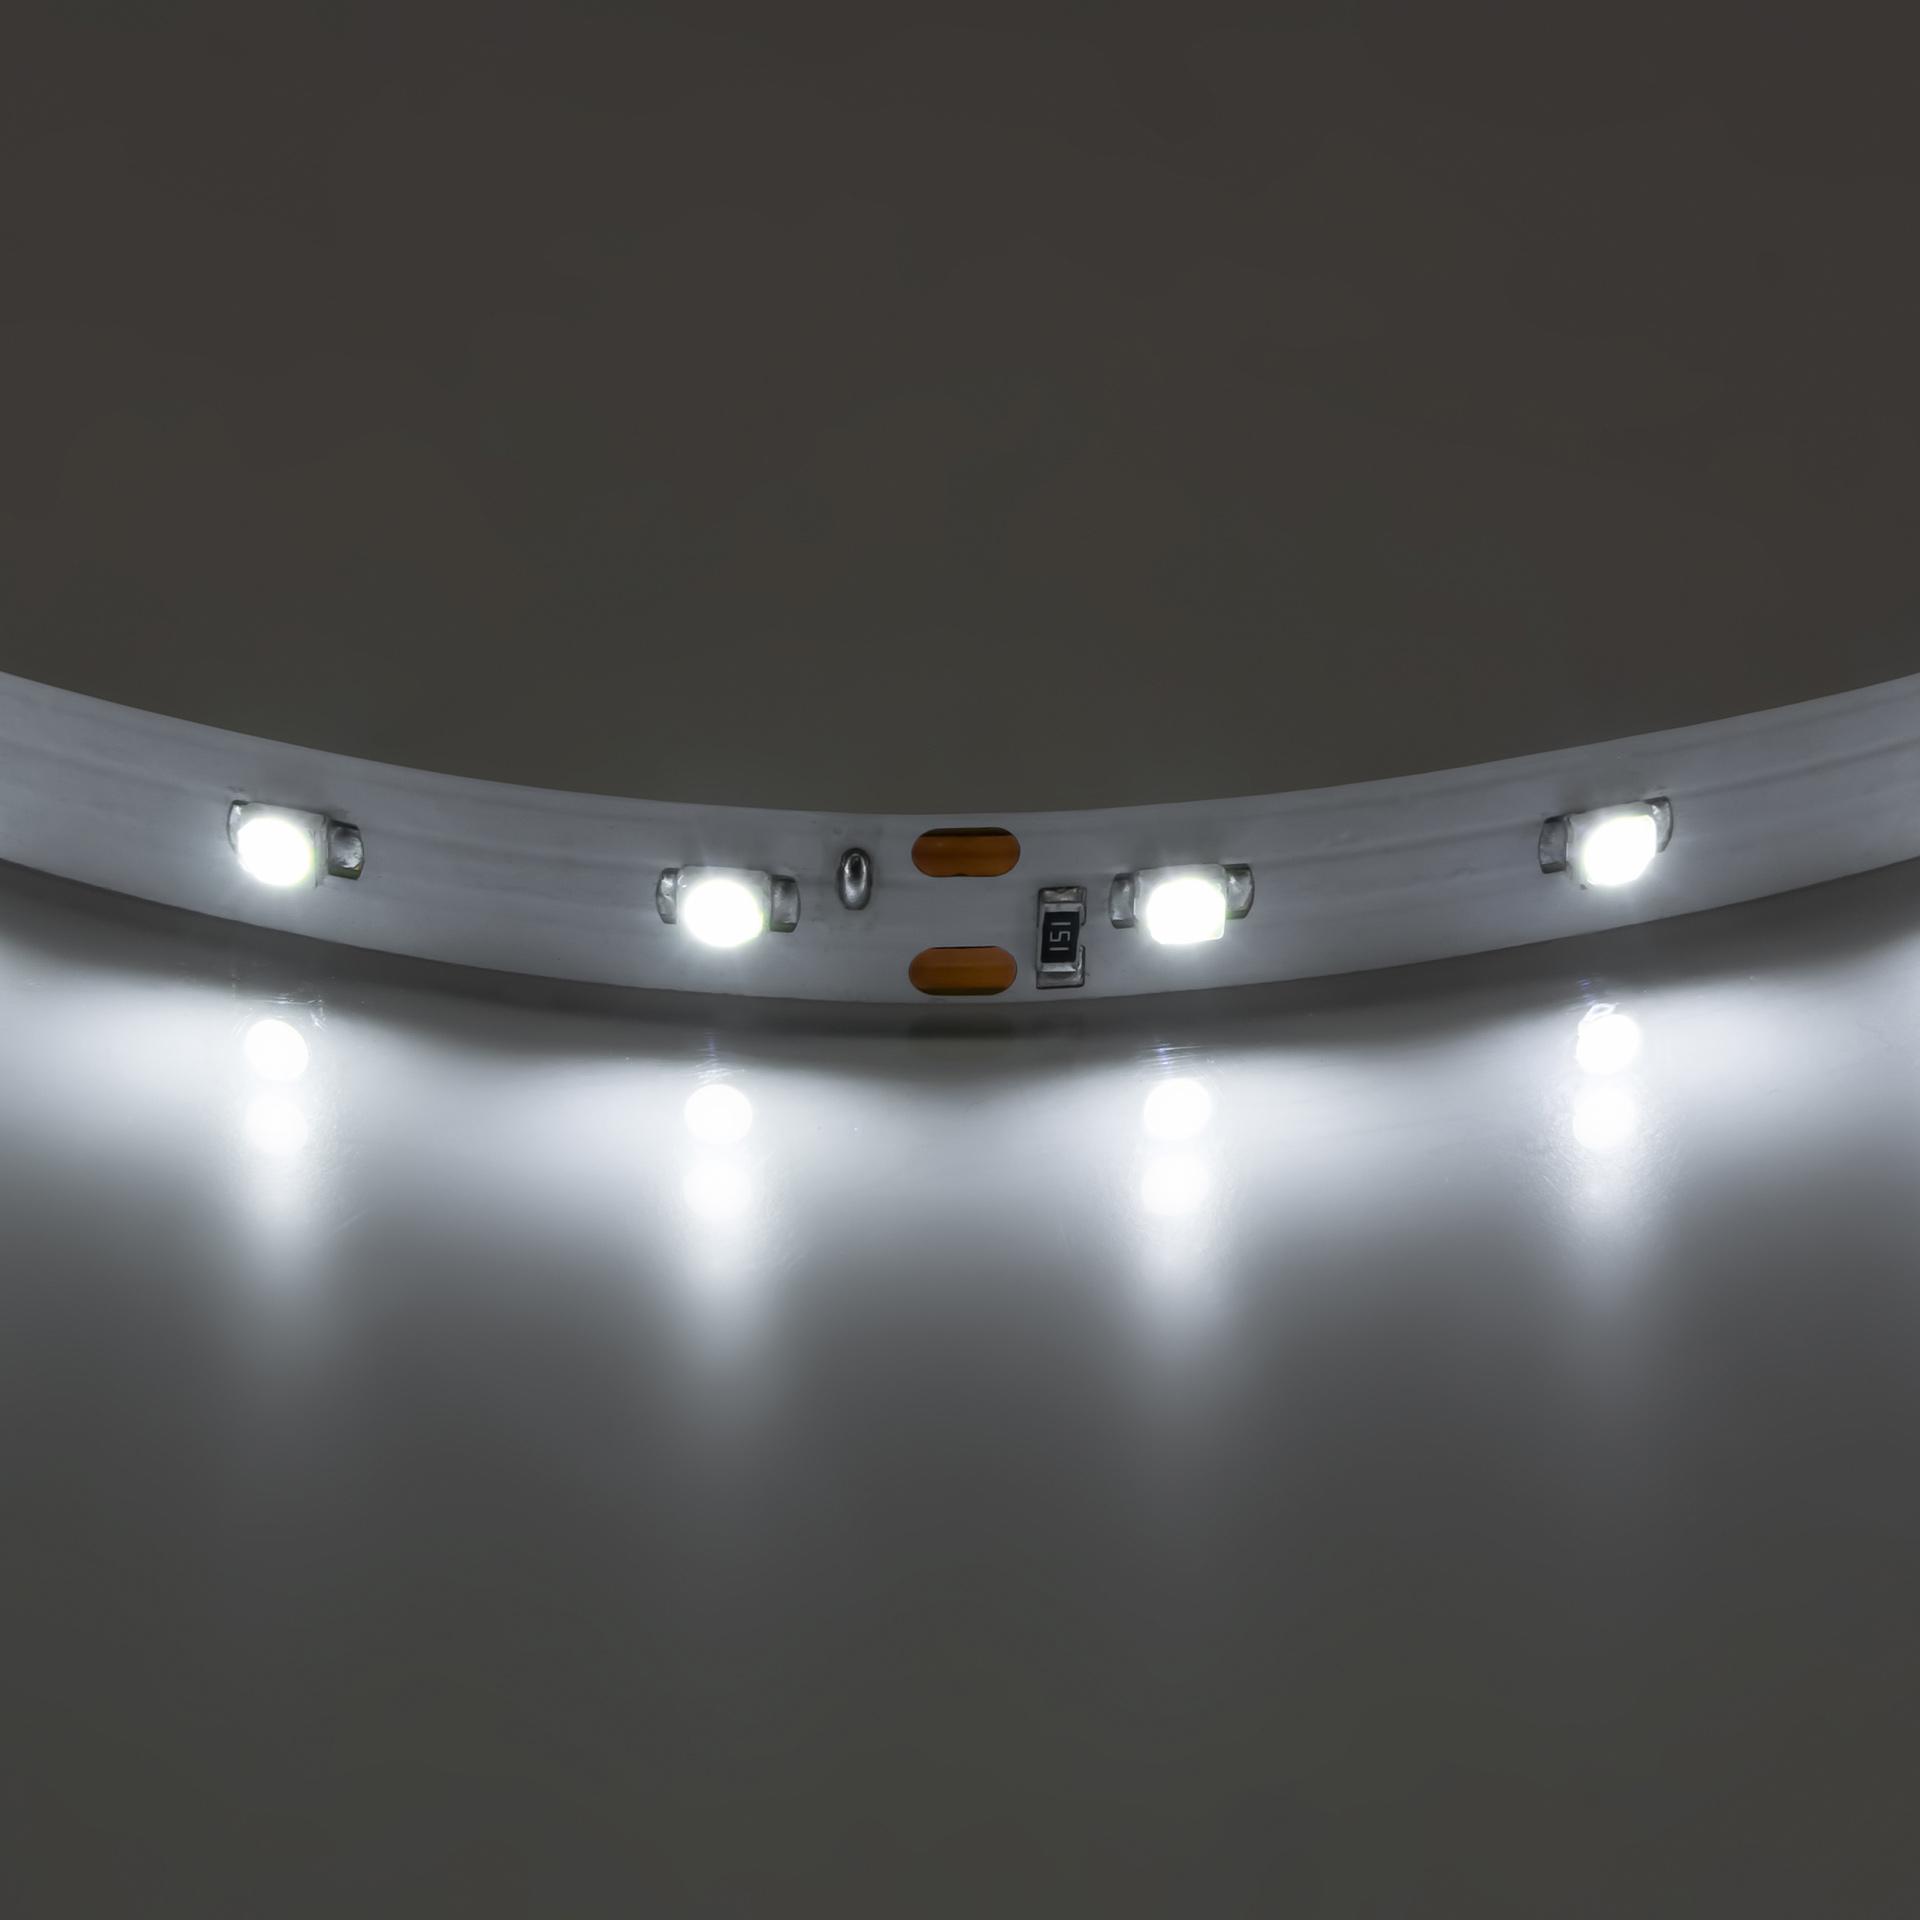 Лента 3528 LED 12V 4.8W 4200K-4500K 200m нейтральный белый свет Lightstar 400004, купить в СПб, Москве, с доставкой, Санкт-Петербург, интернет-магазин люстр и светильников Starlight, фото в жизни